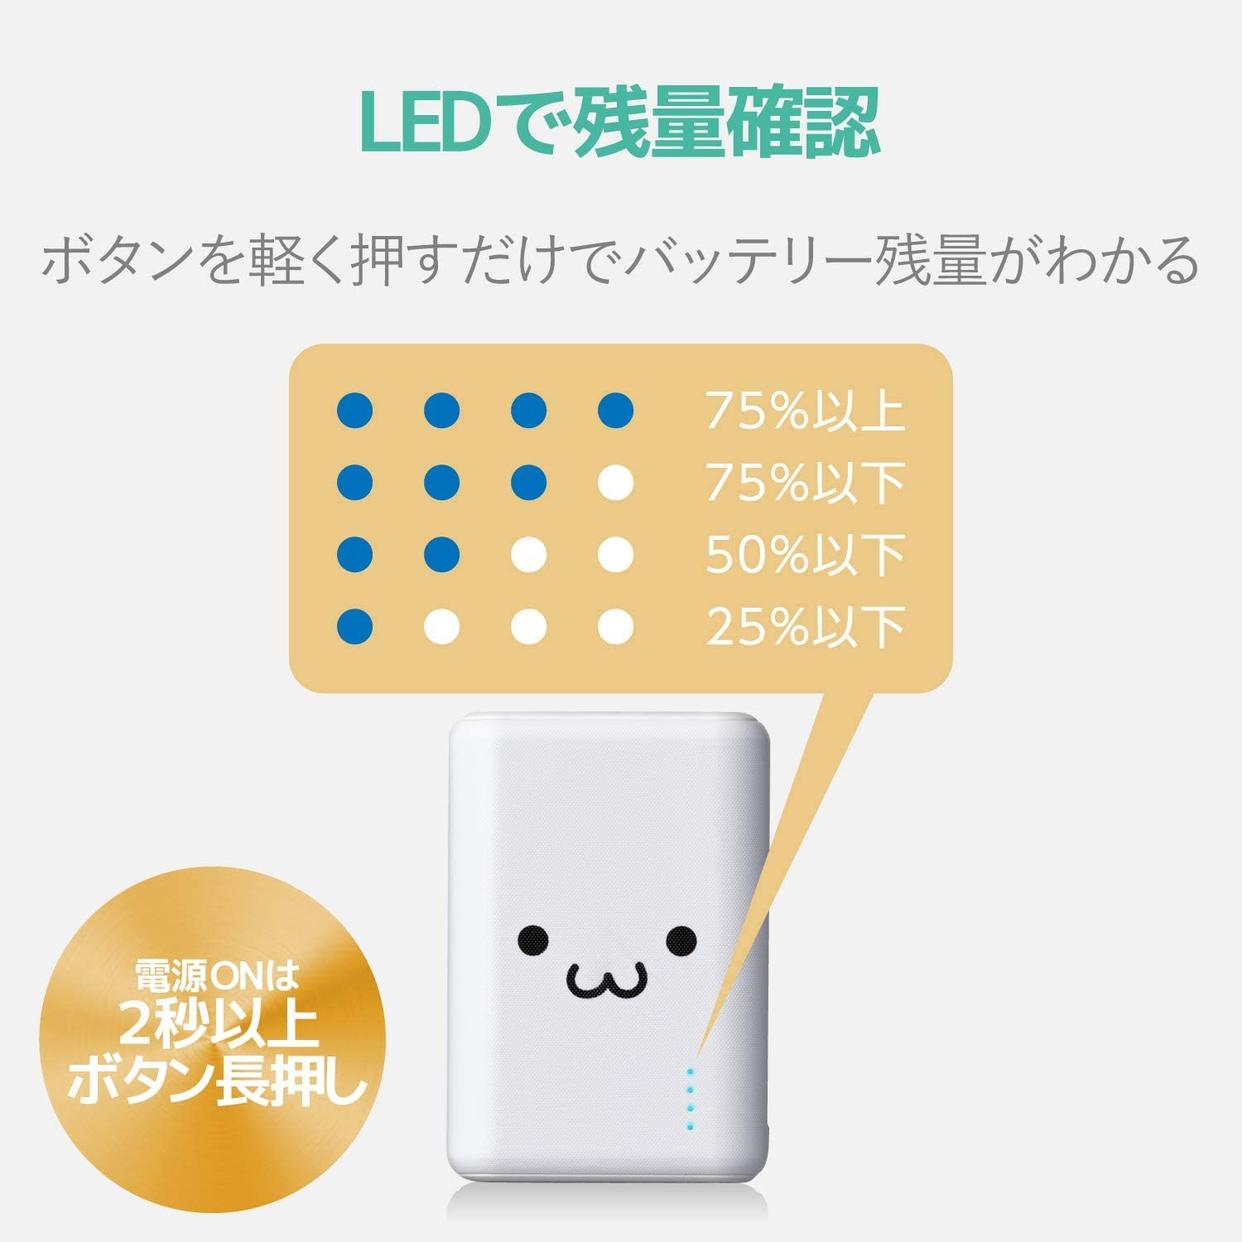 ELECOM(エレコム) Type-Cケーブル付きモバイルバッテリー DE-C16L-10050の商品画像4